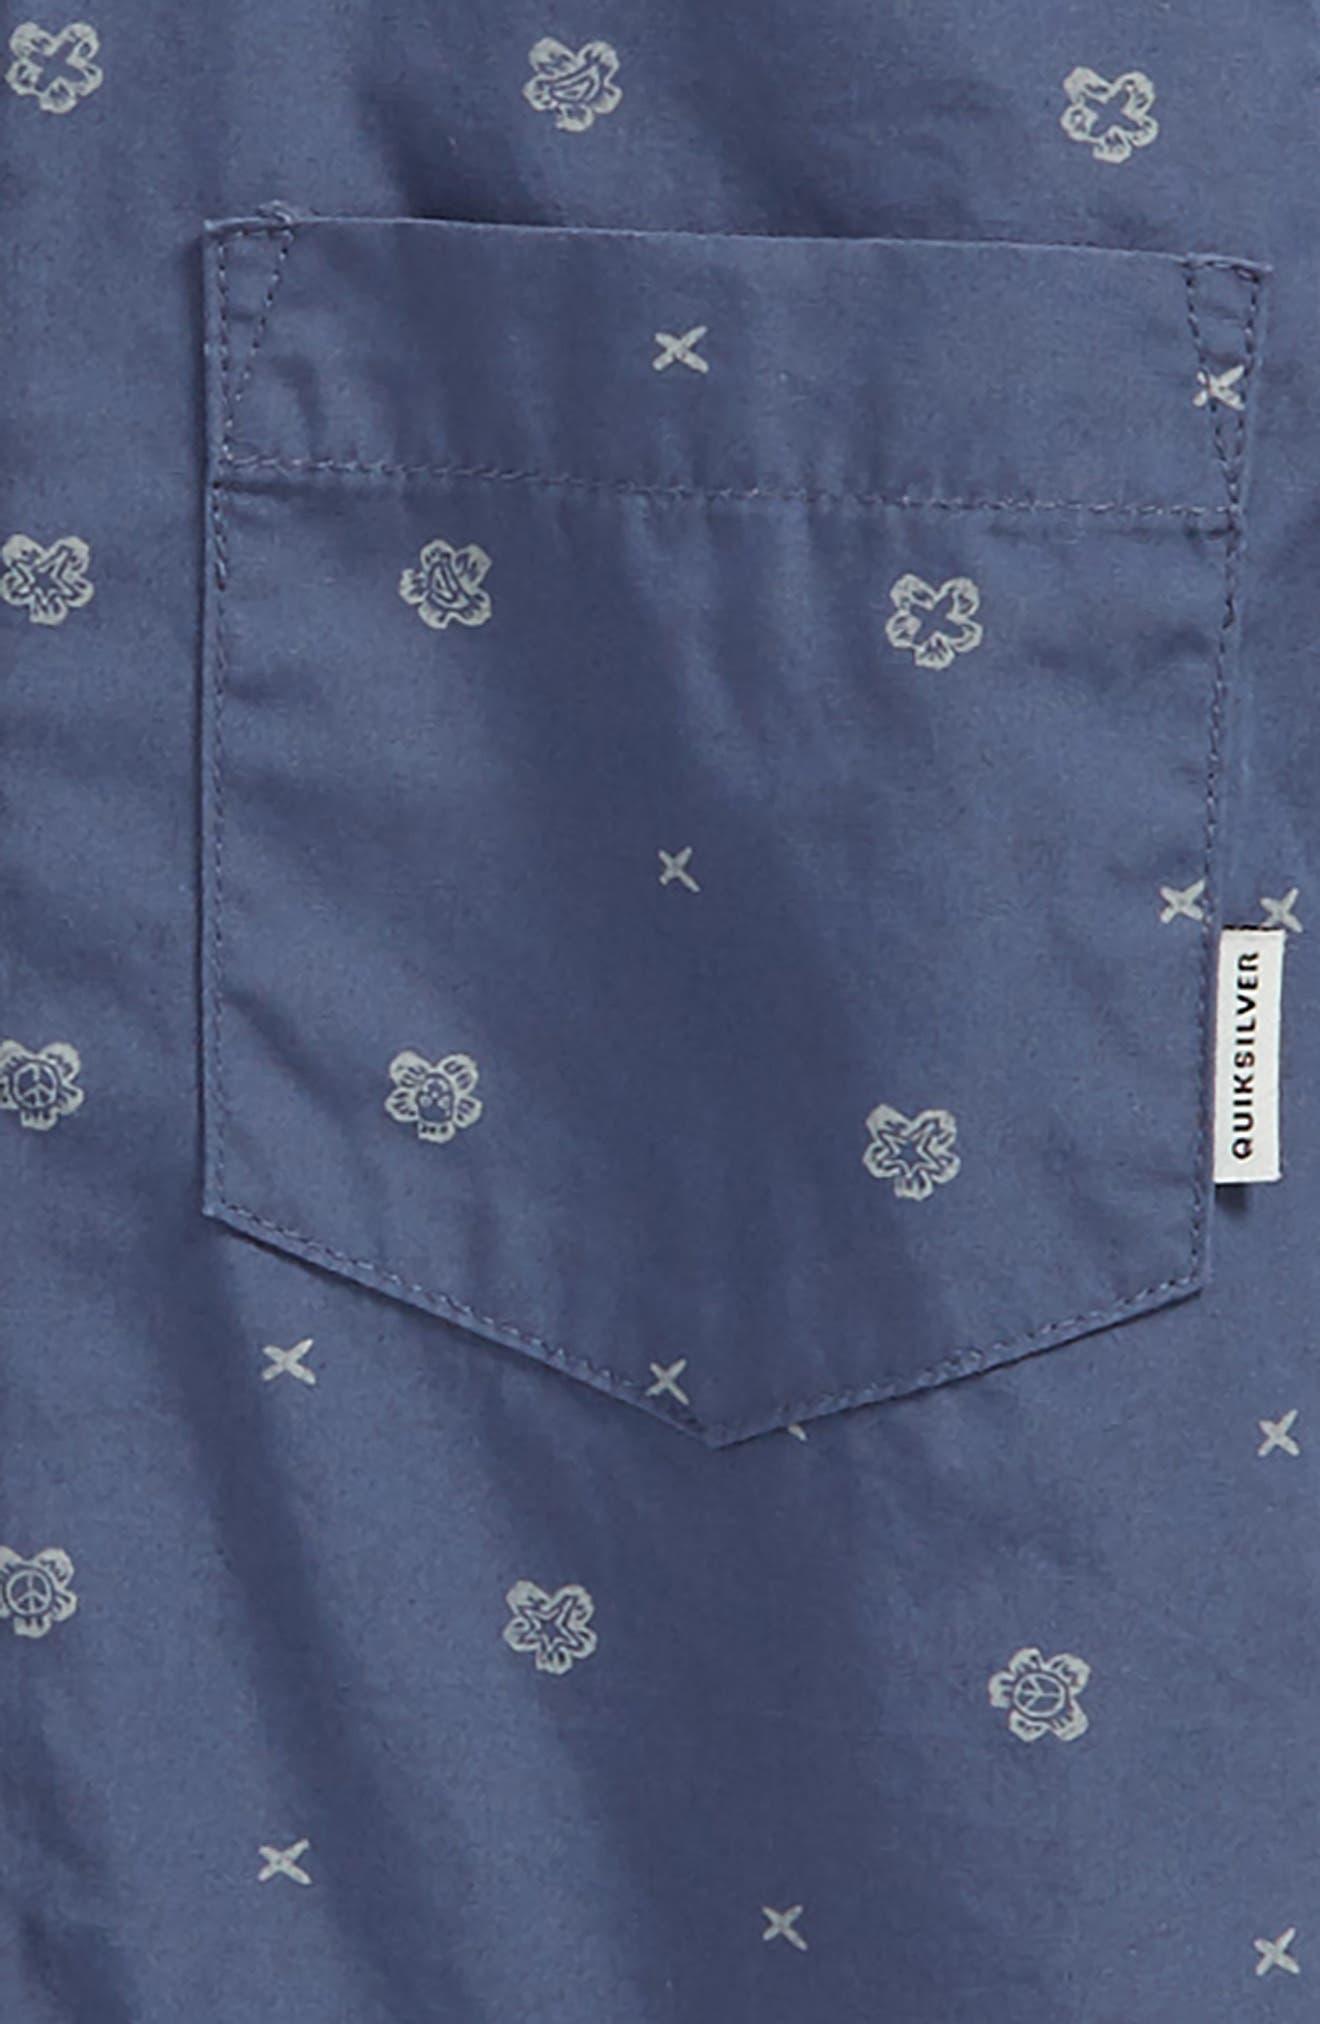 Kamanoa Woven Shirt,                             Alternate thumbnail 2, color,                             Vintage Indigo